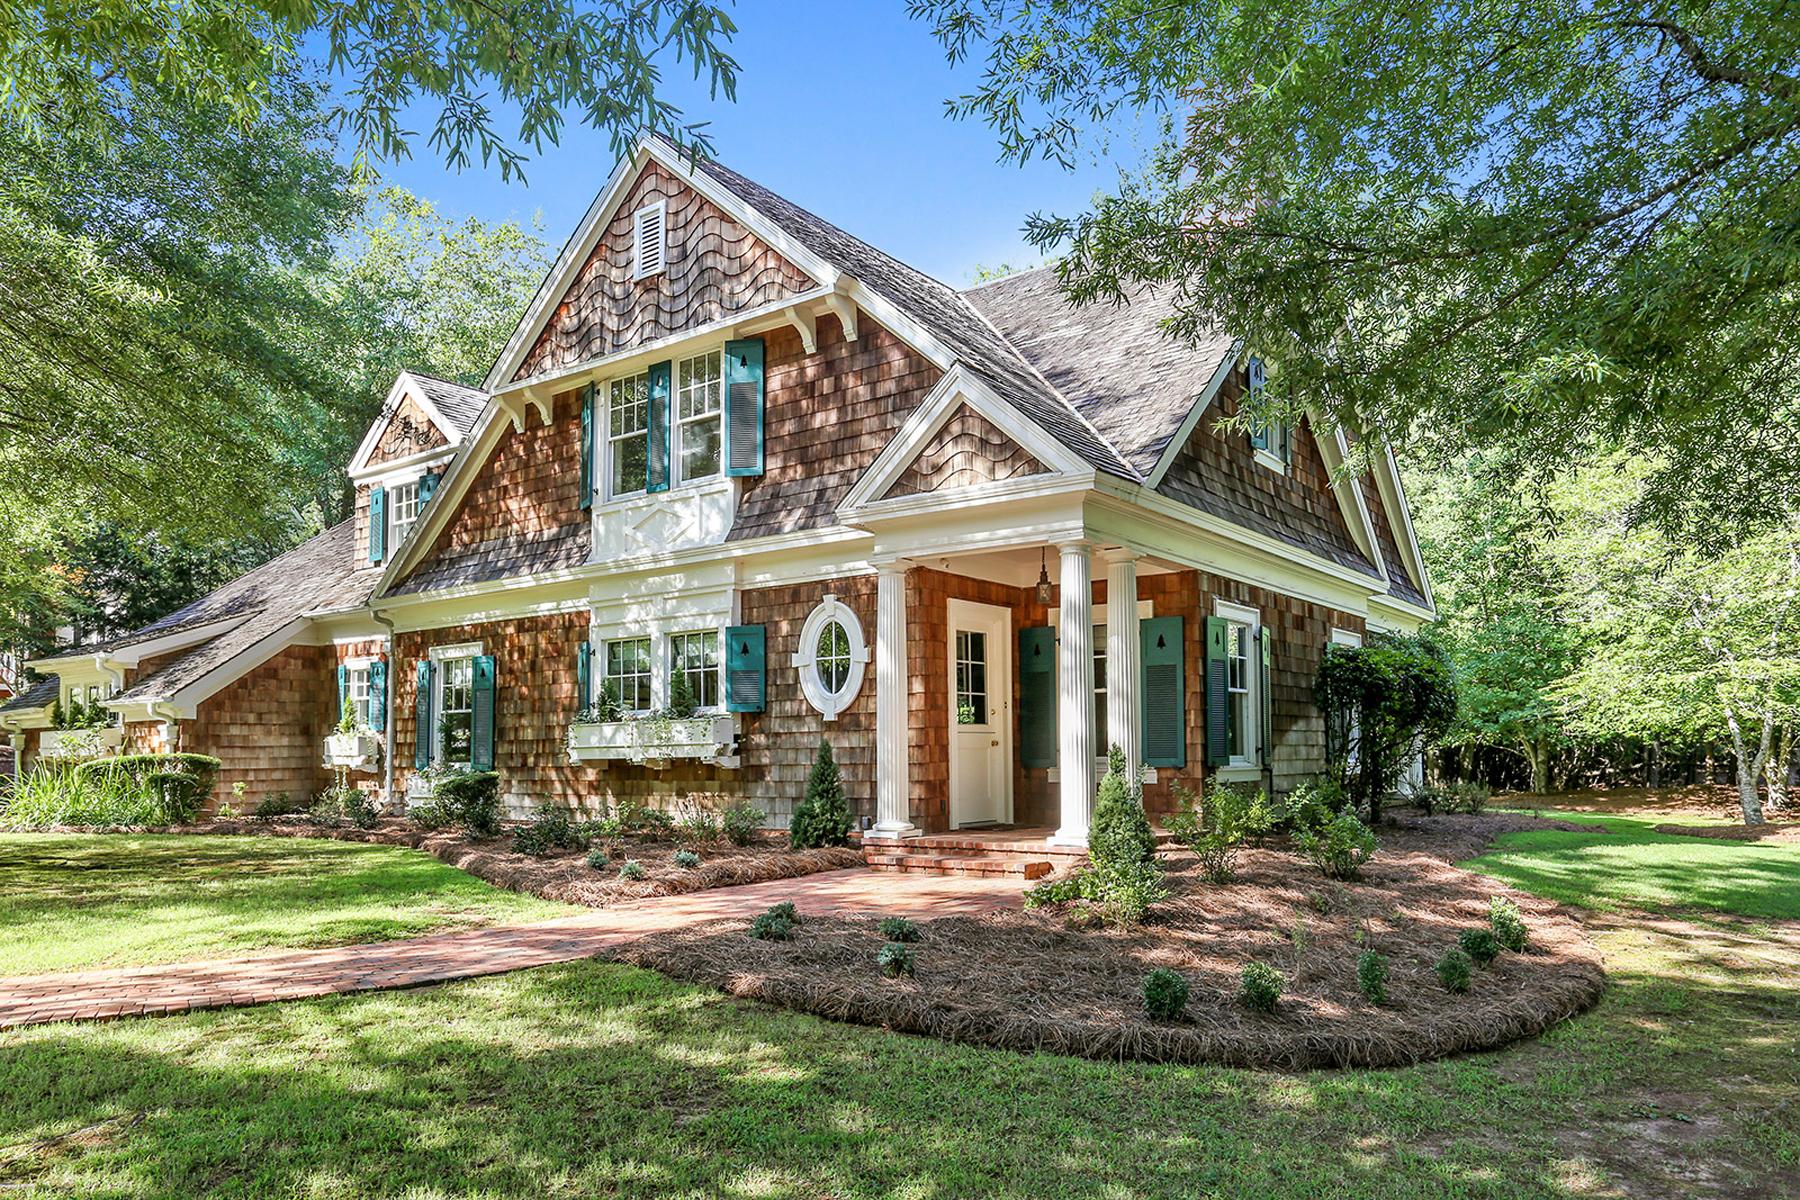 Tek Ailelik Ev için Satış at Life Magazine Home 4050 Palisades Main NW Kennesaw, Georgia, 30144 Amerika Birleşik Devletleri